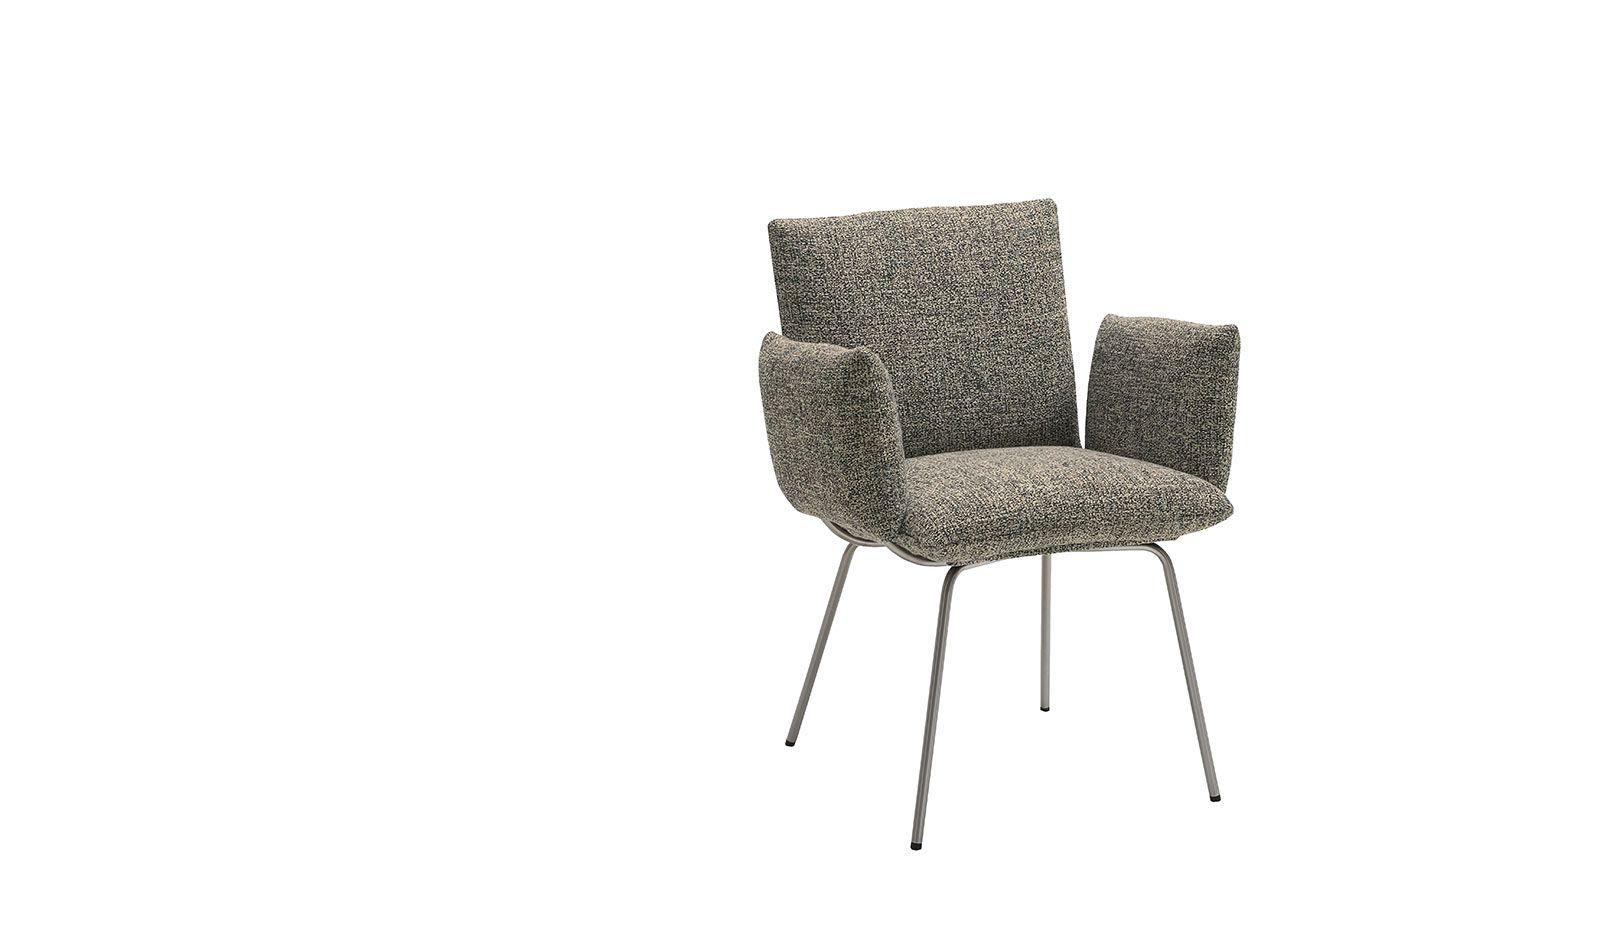 Esszimmer Stühle Sessel Stuhl Sessel Maika